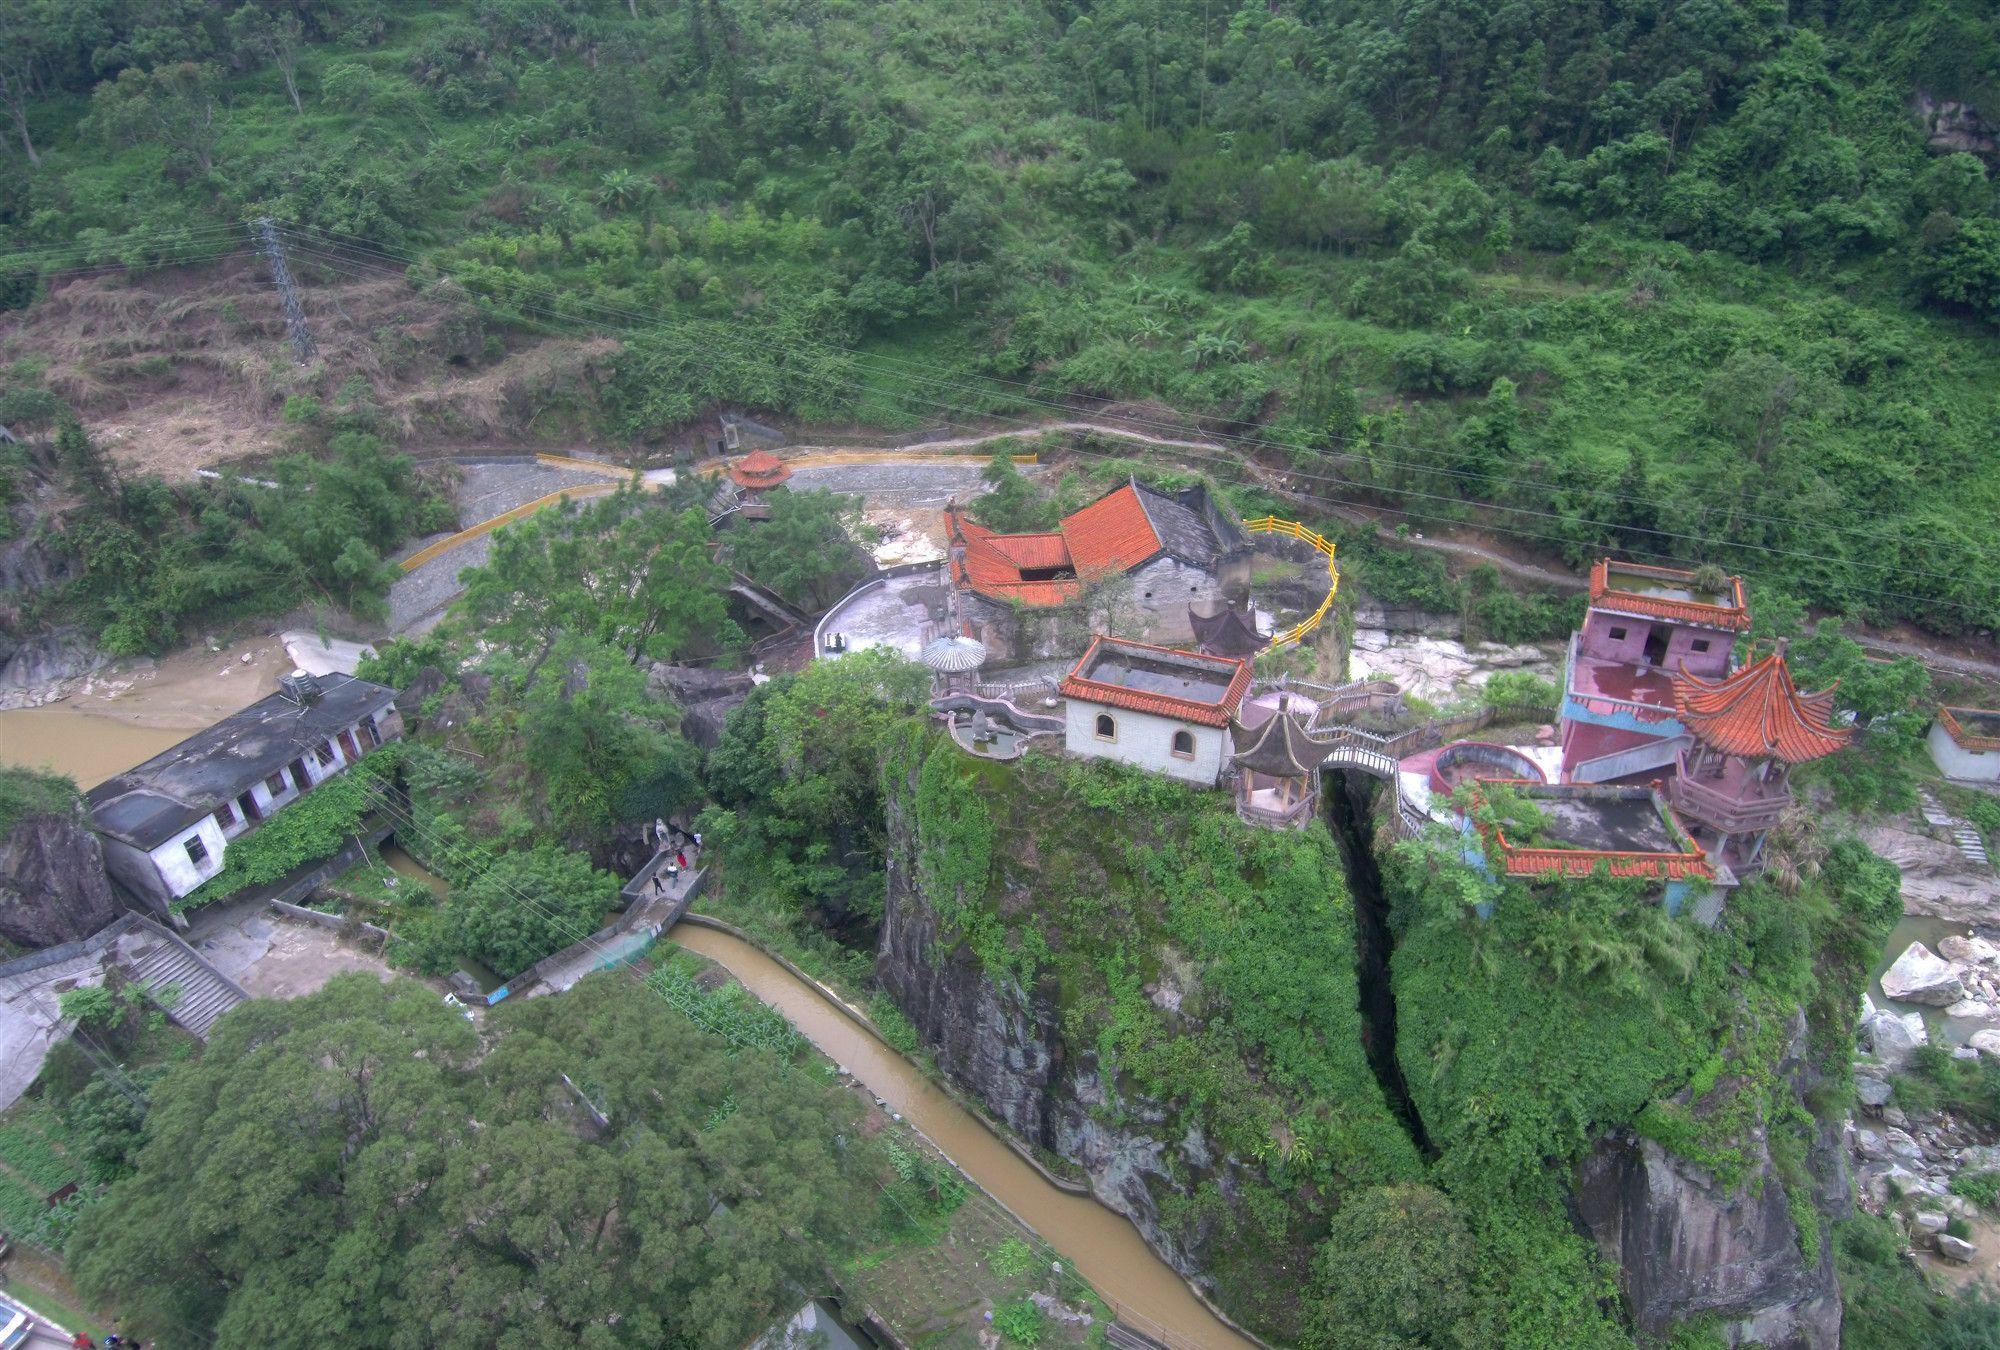 广东信宜一座耸山上古庙,用无人机去探索,雄伟壮观